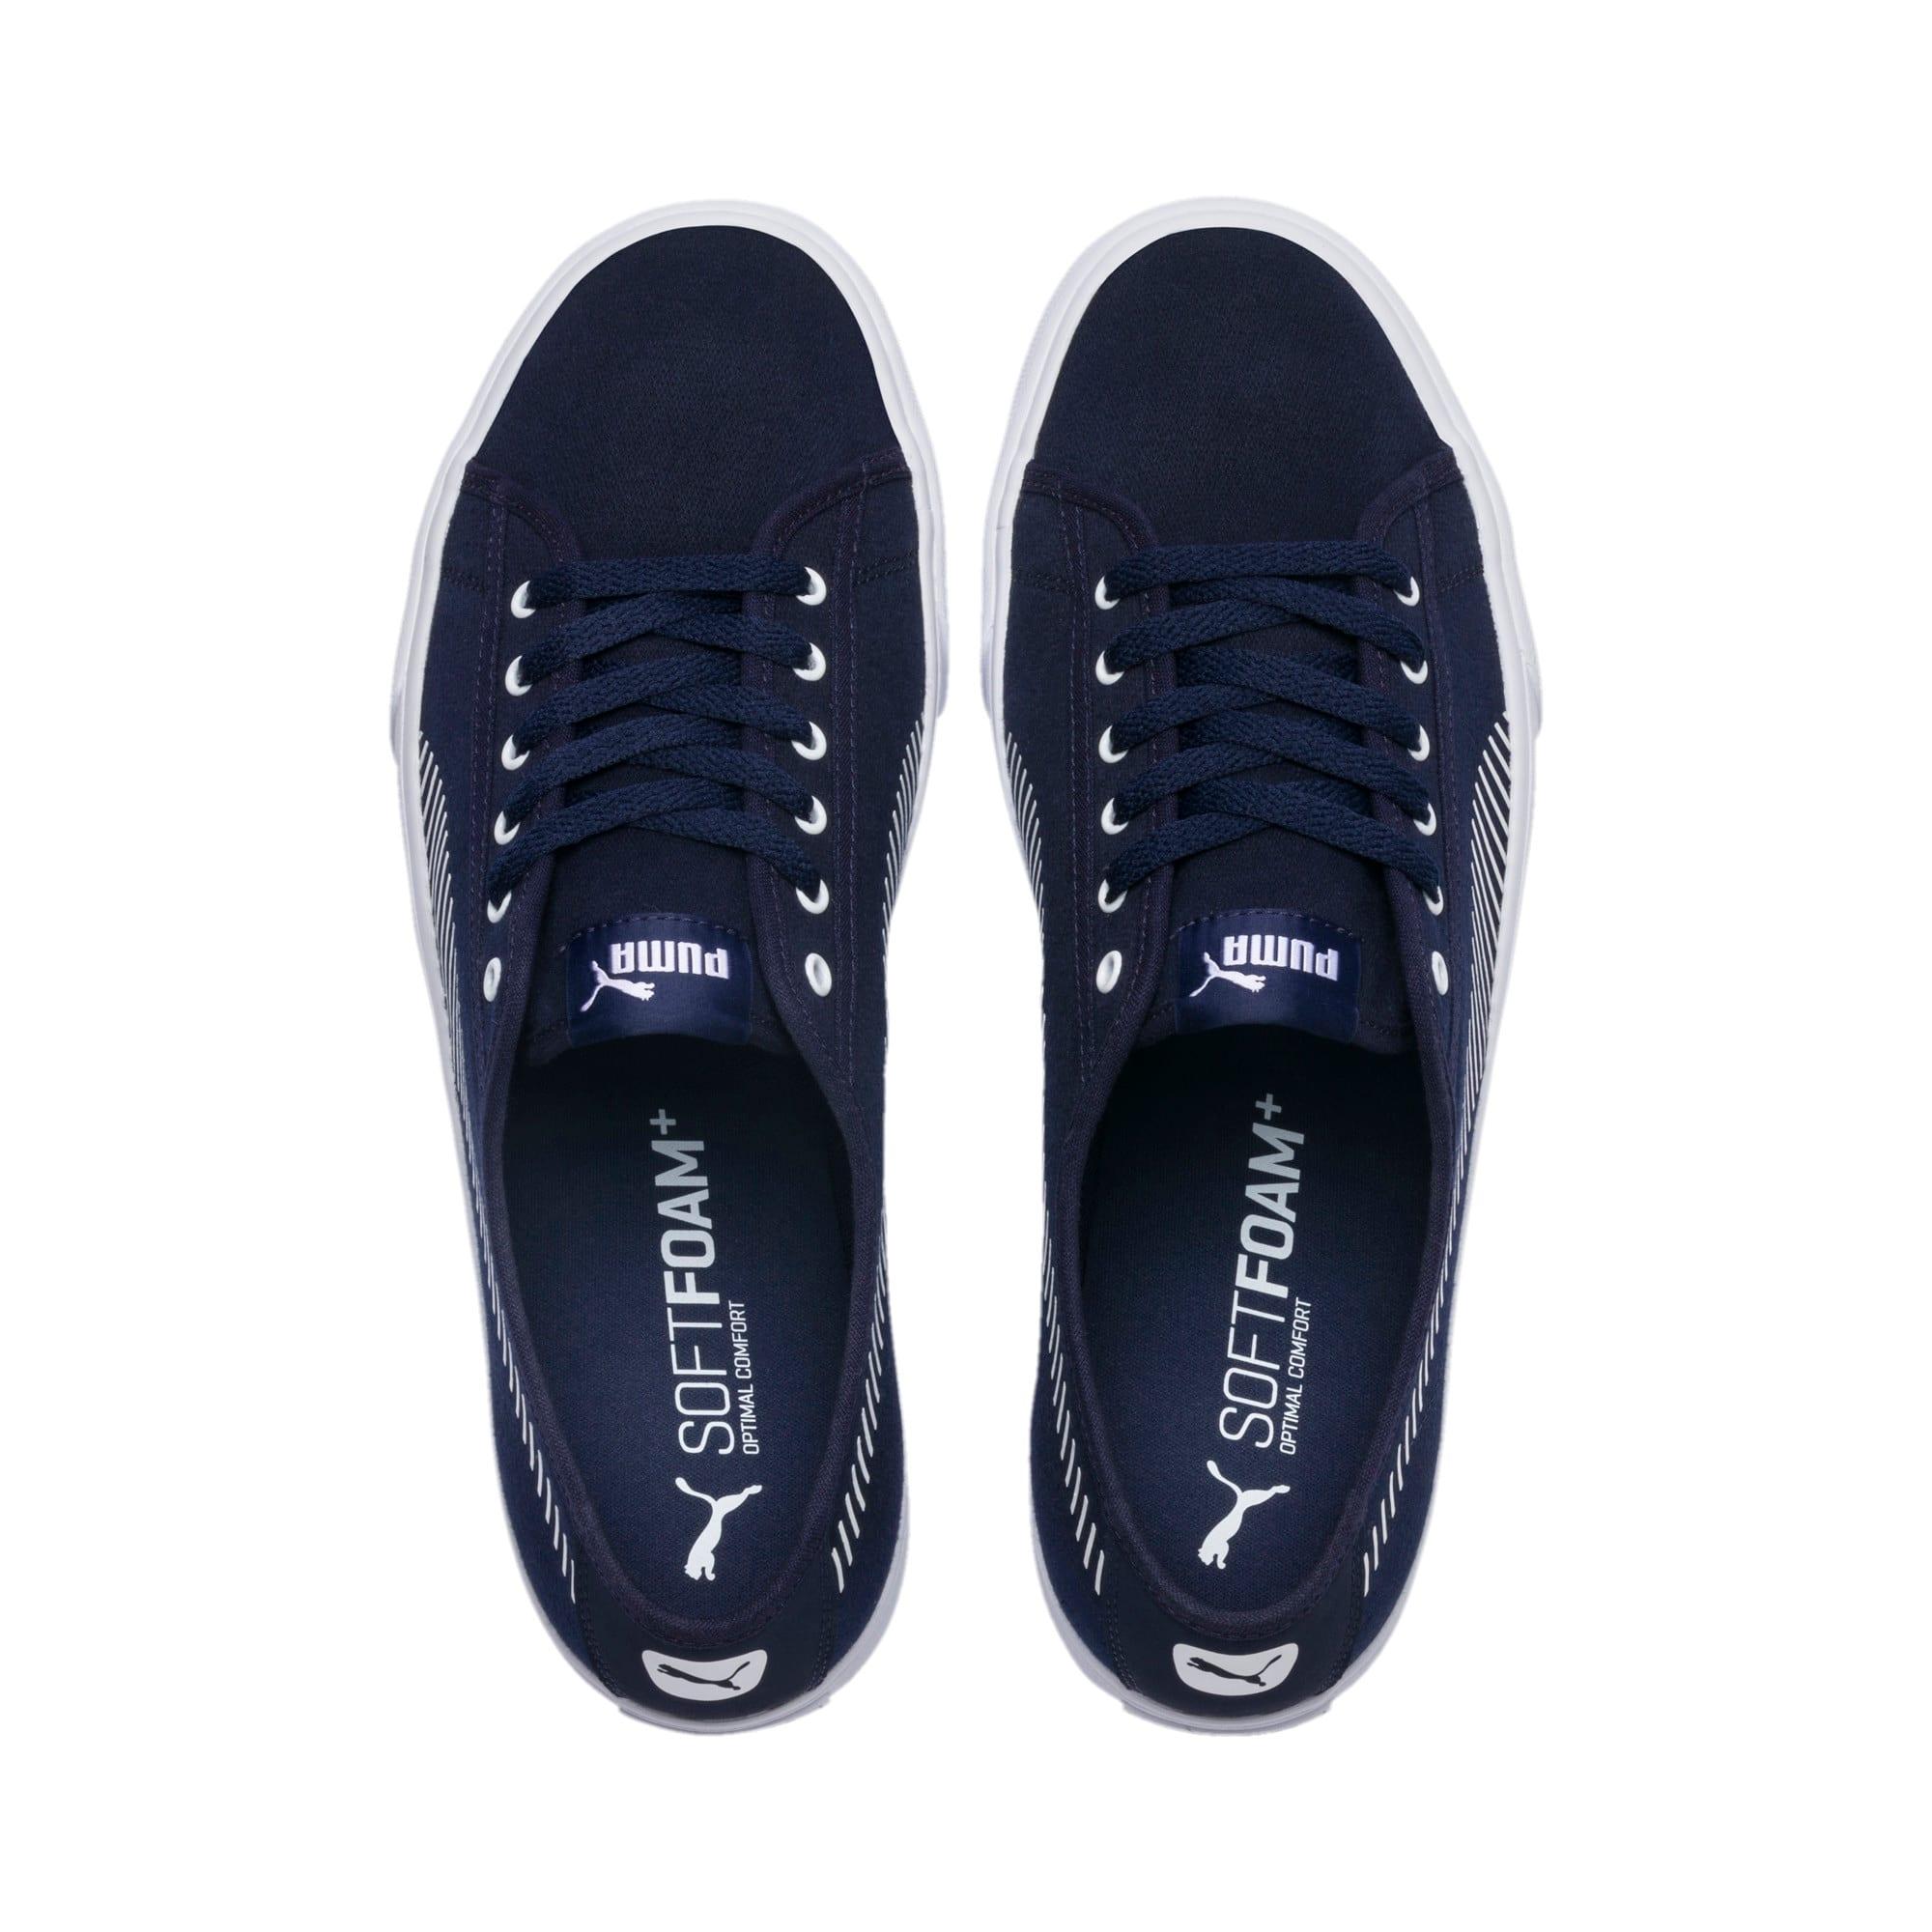 Thumbnail 6 of Bari Sneakers, Peacoat-Puma White, medium